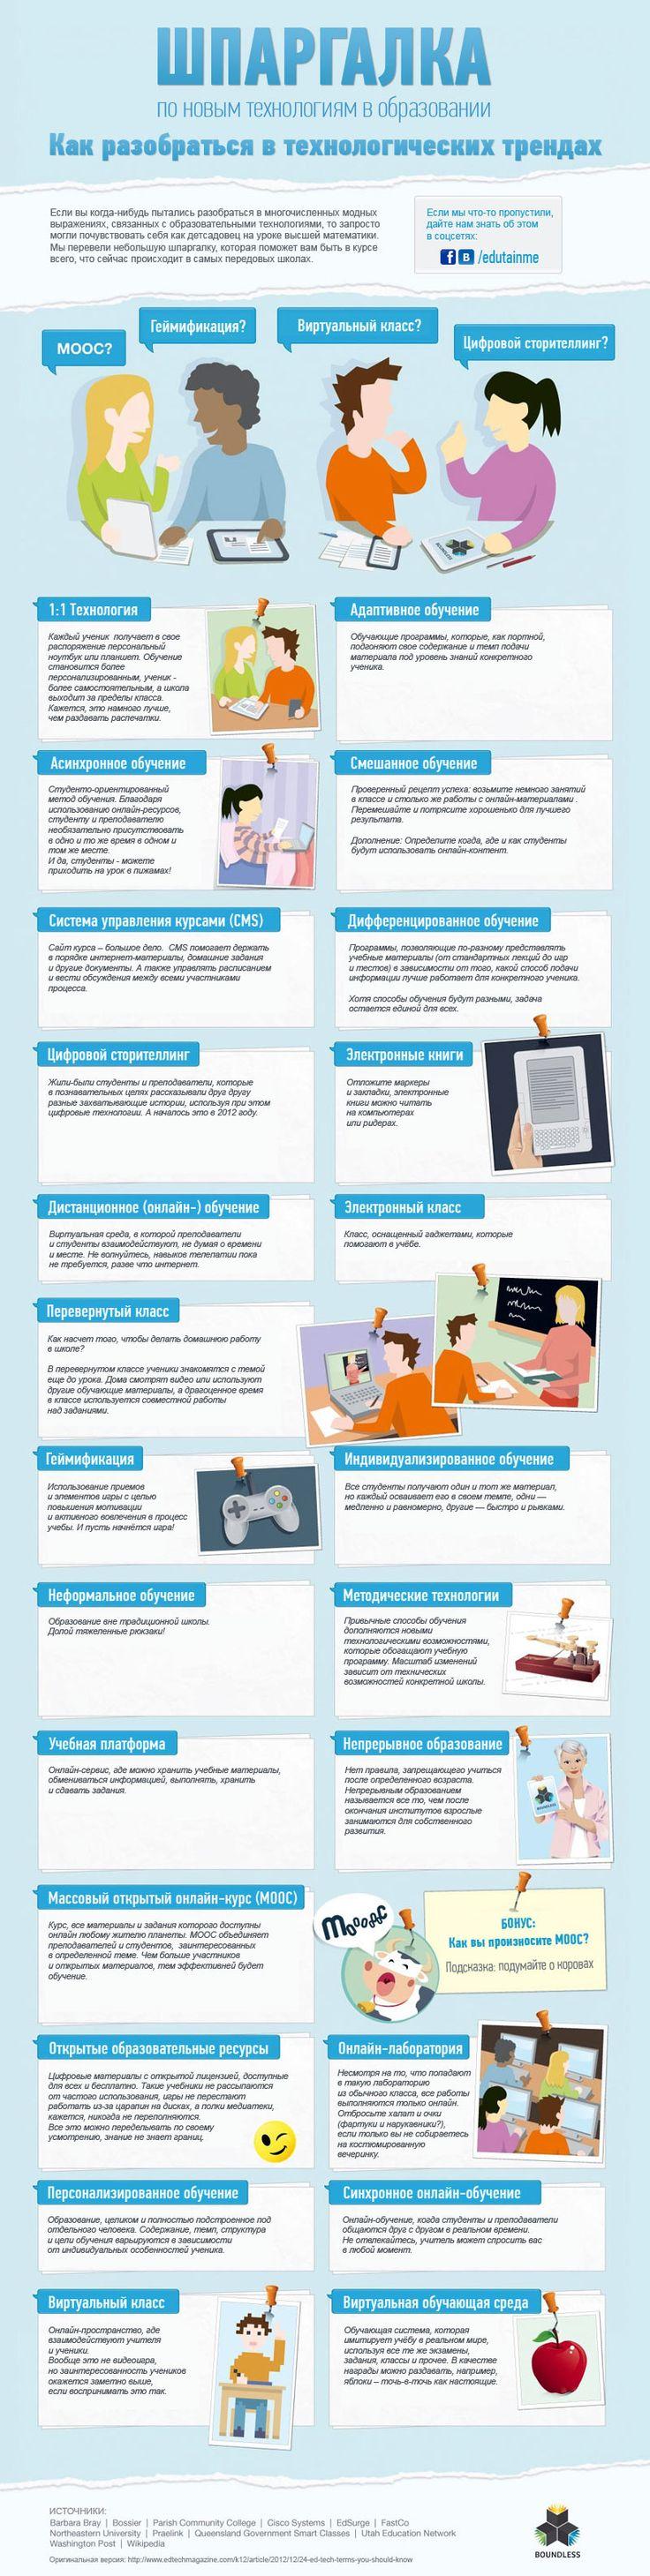 Главные образовательные понятия и практики последних лет - шпаргалка по словечкам.